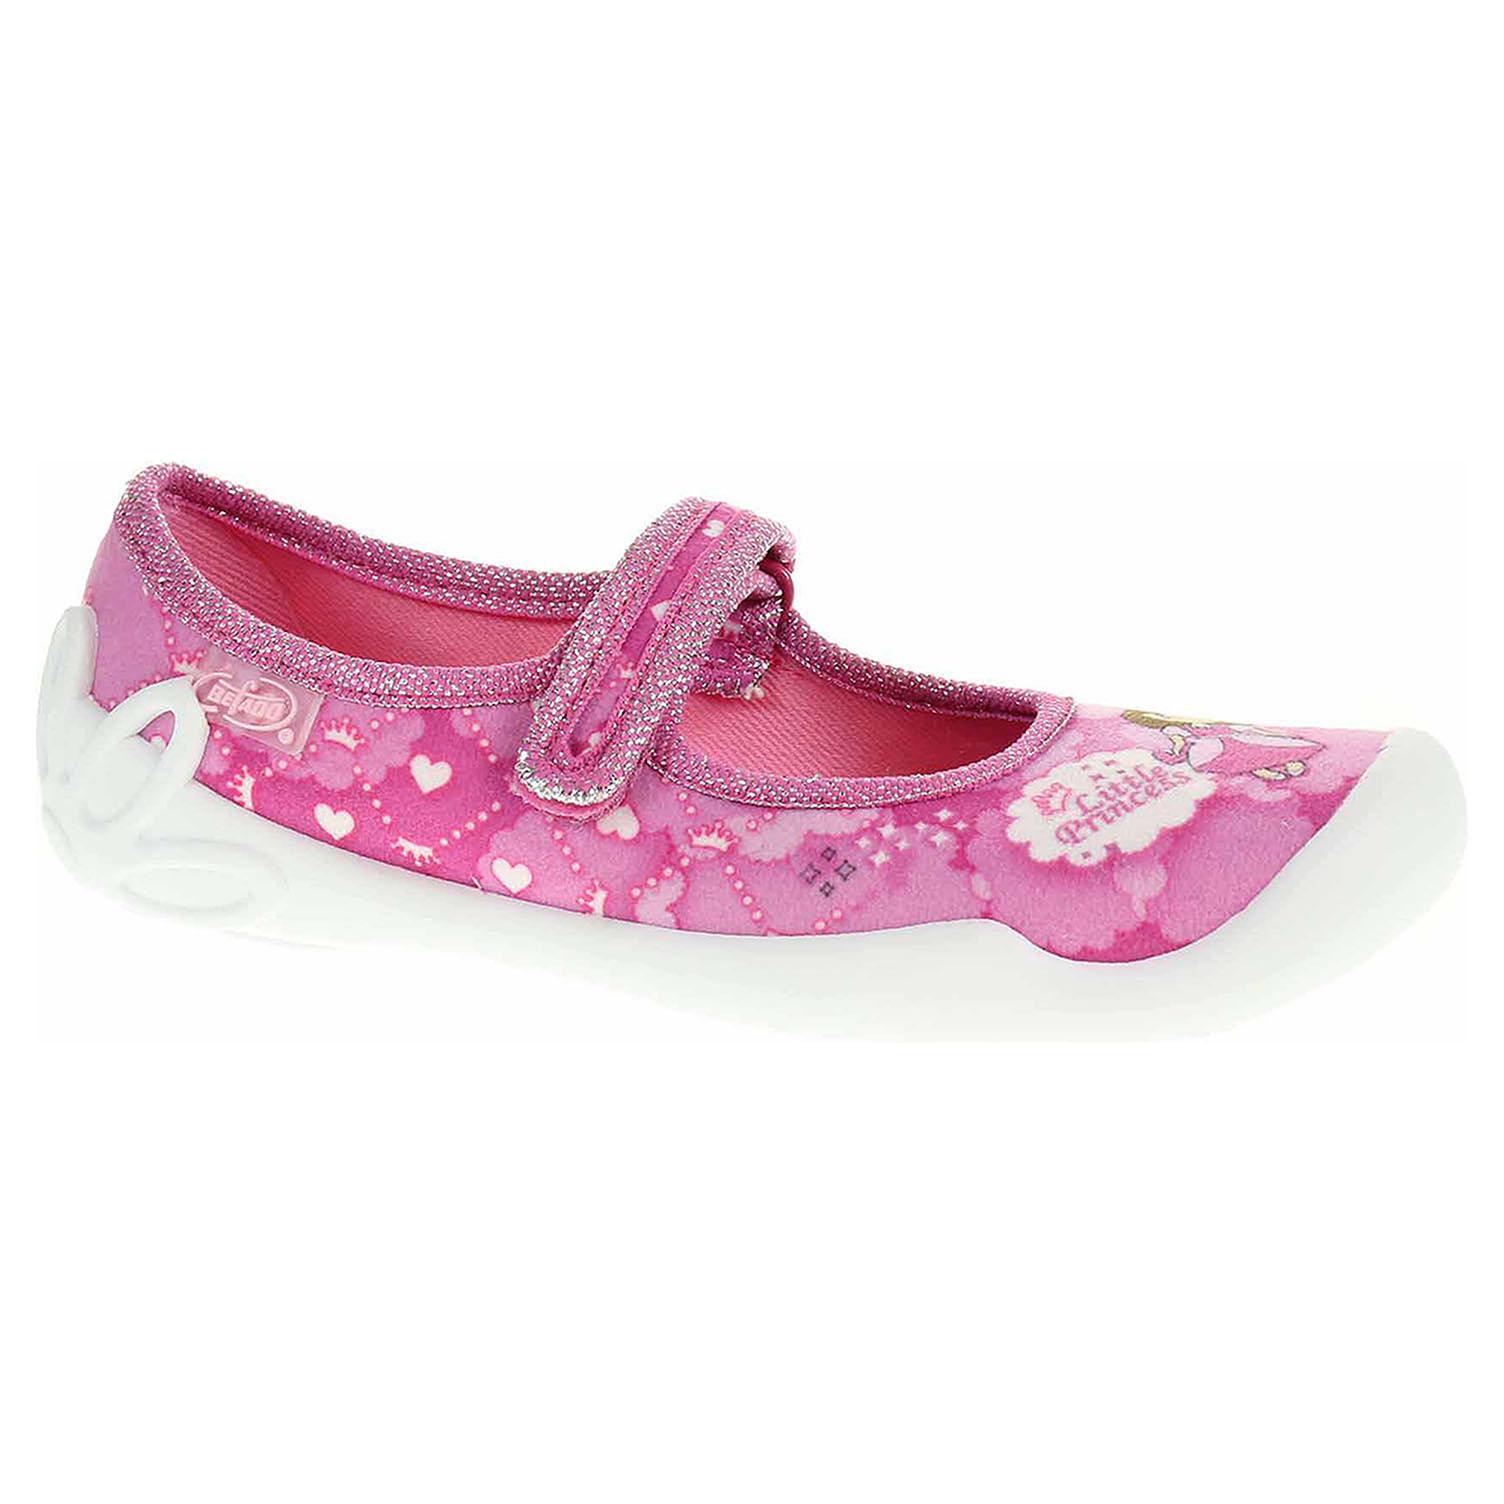 114X306 růžová dívčí bačkory, s.zip, princezna Befado